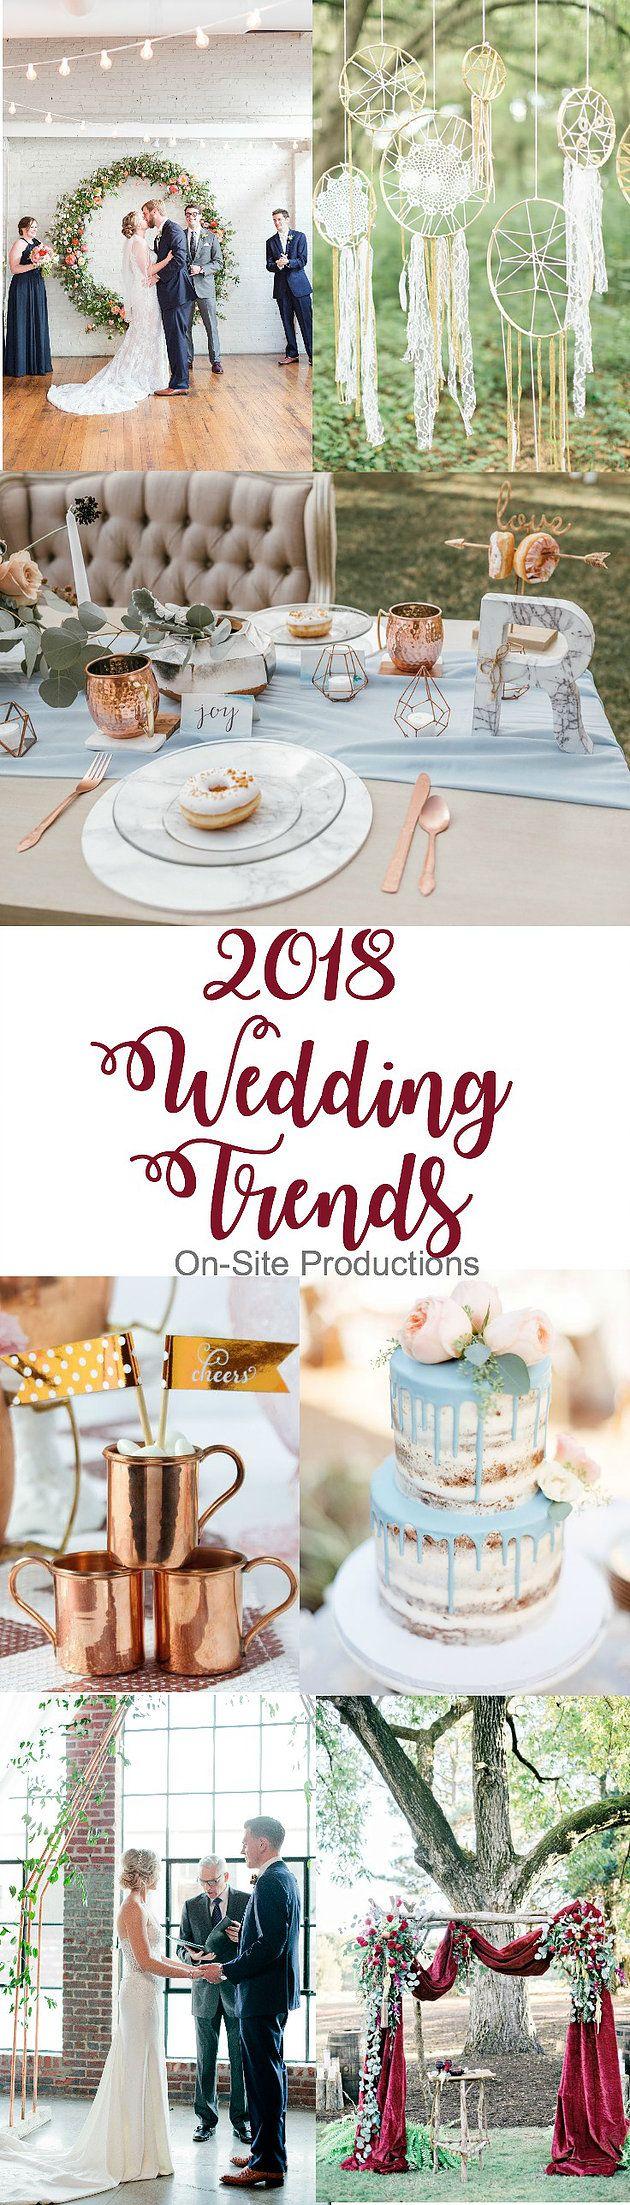 2018 Hochzeitstrends werden Sie sicher nicht enttäuschen! MARMOR. KUPFER. VELVET und bald m …   – Fotografie – Styled Shoot